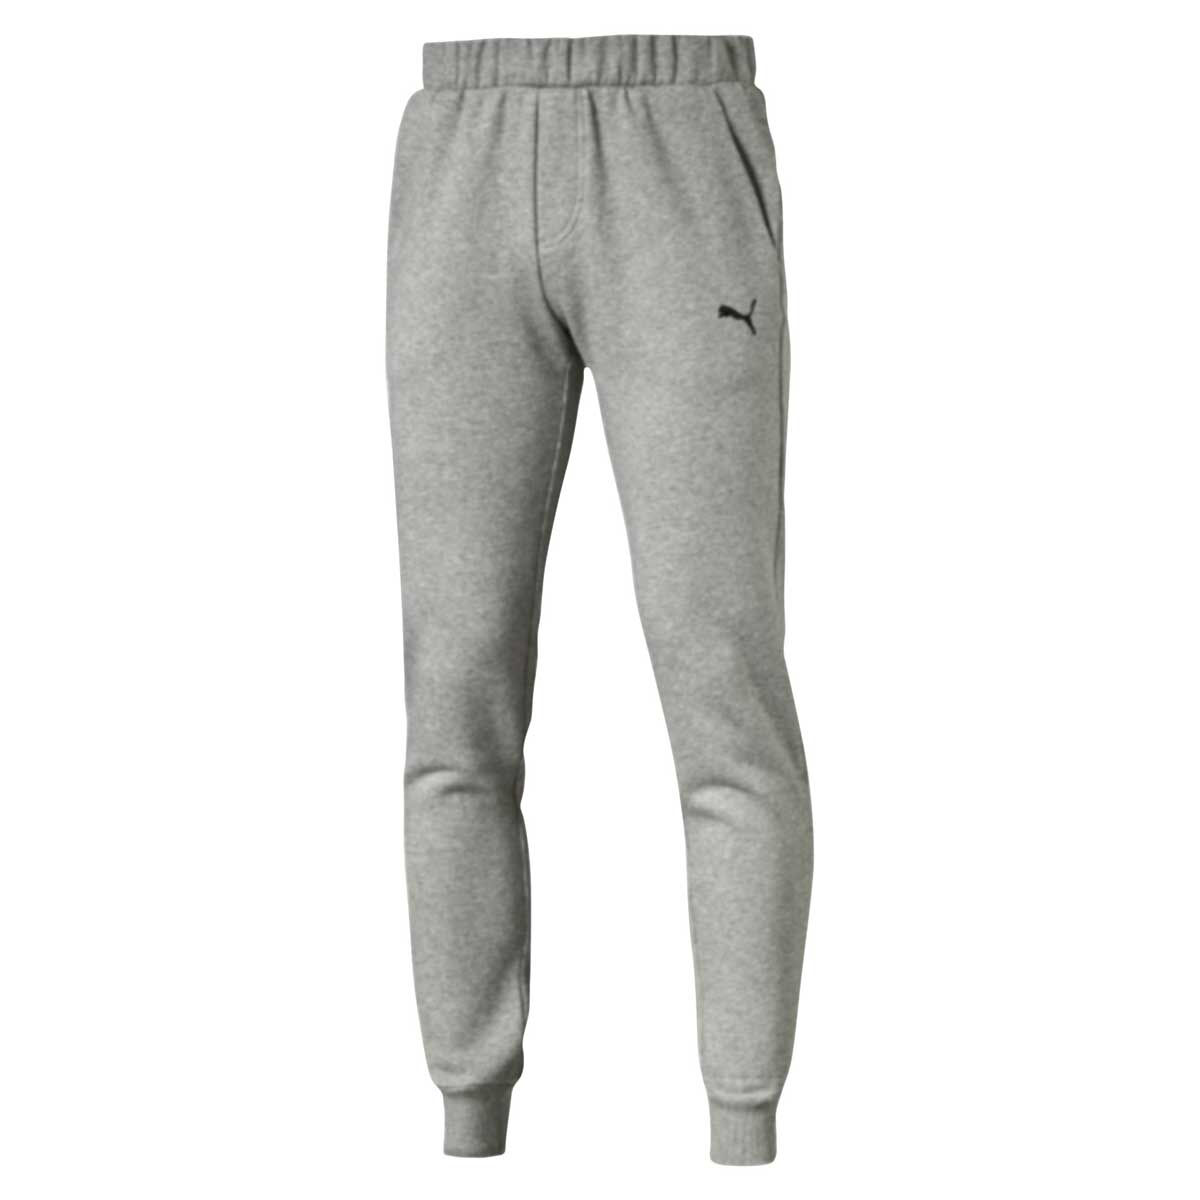 6e1be15a15a6 Puma mens essential sweat pants grey adult grey rebel hi res jpg 558x558  Rebel sweatpants puma